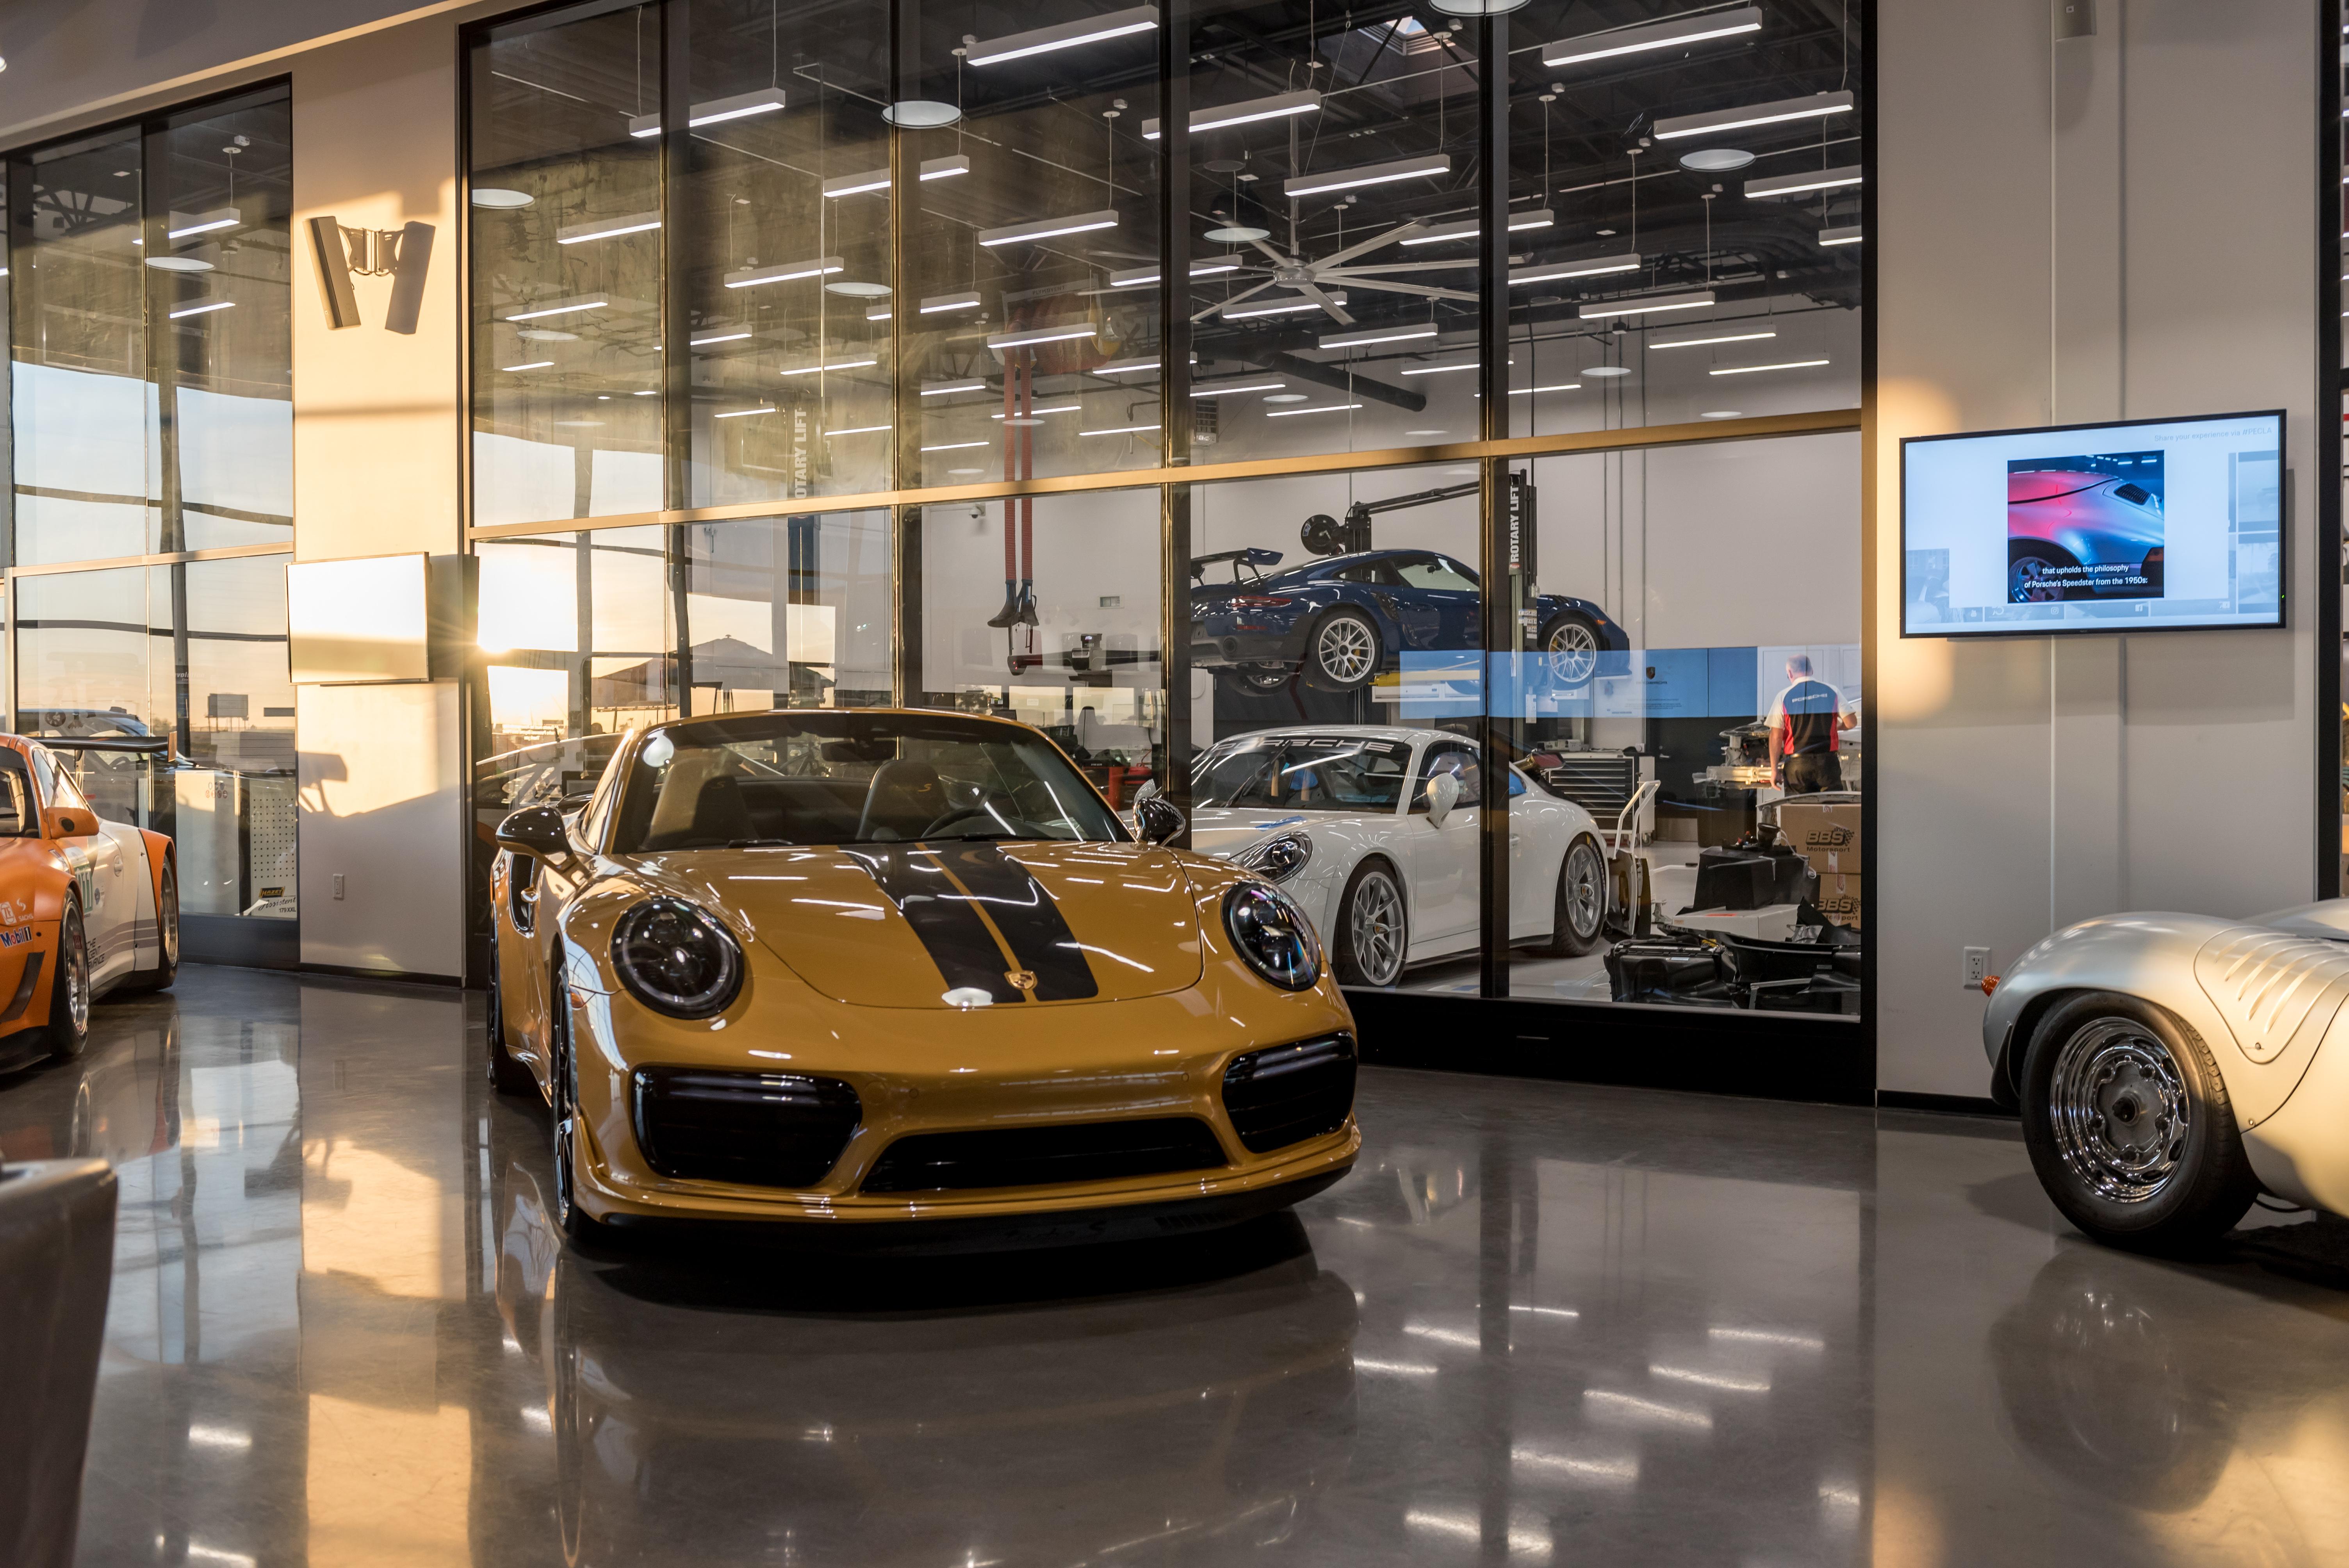 Maserati Anaheim Hills >> Rusnak/Pasadena Porsche Hosts Womens Drive Event @ PECLA 1/26/19 - Rusnak Events